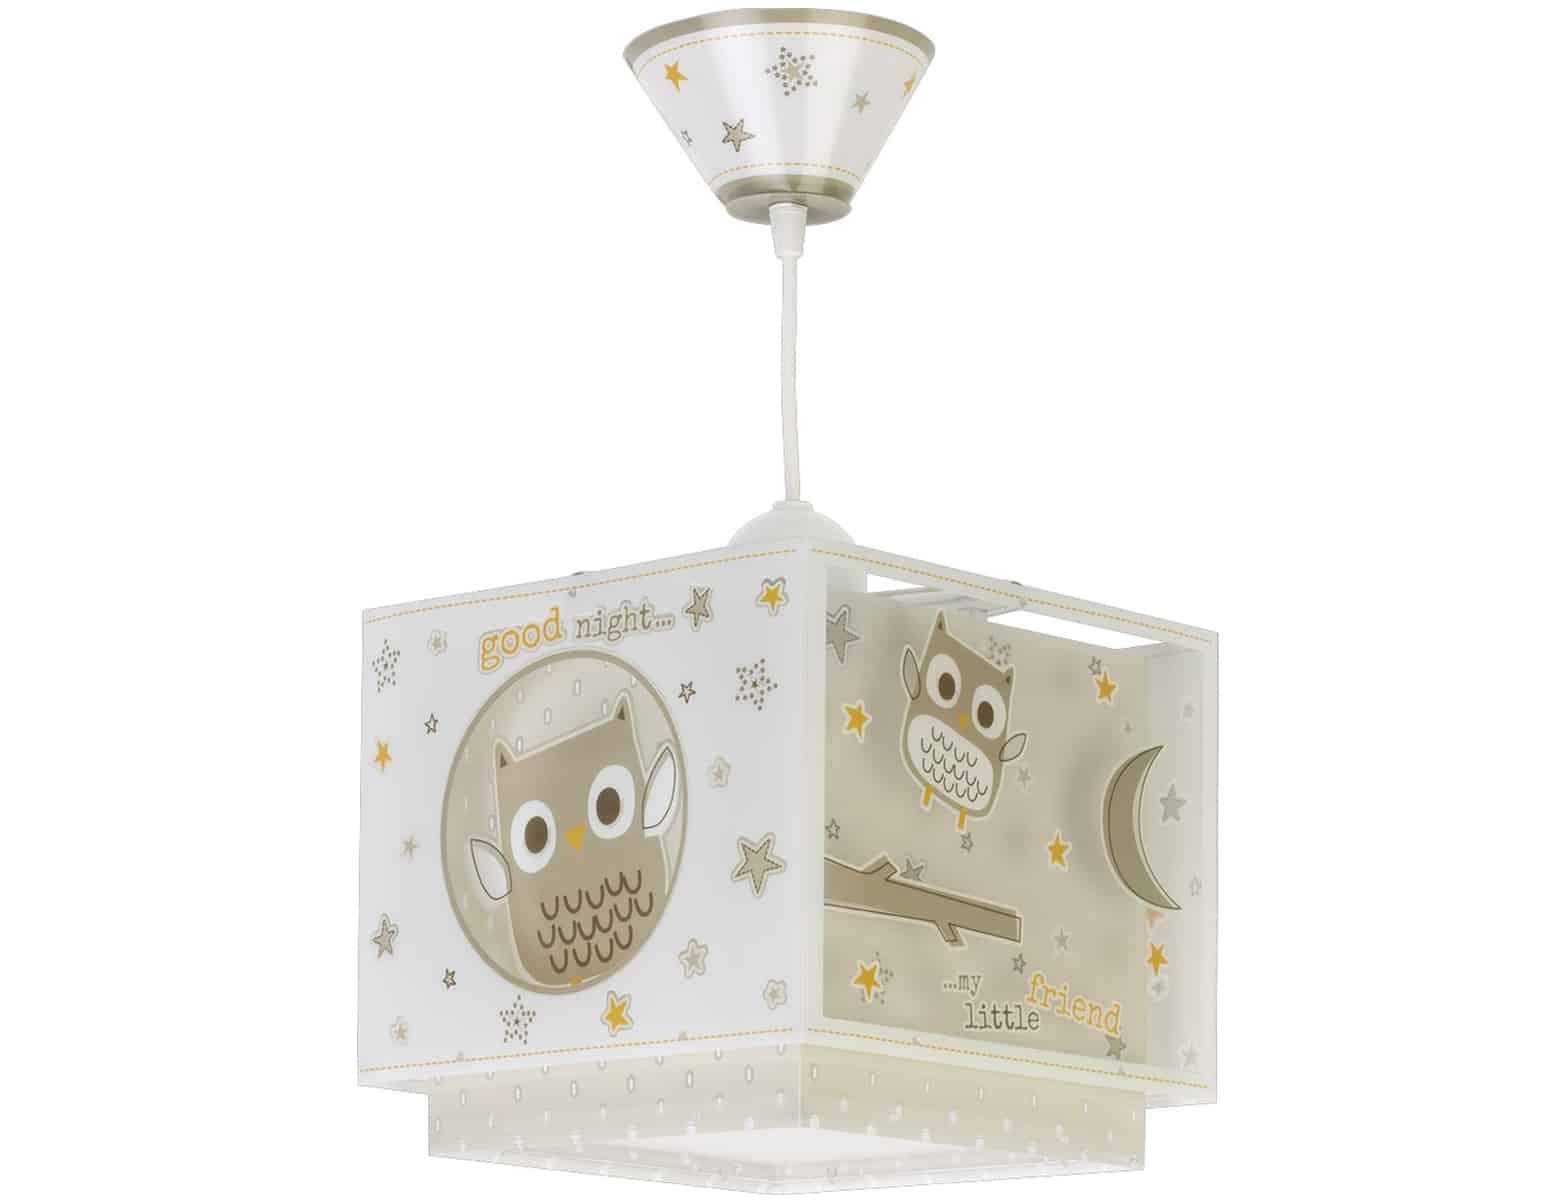 Φωτιστικό Οροφής Good Night Ango 24x24x21,5εκ. 63392 (Υλικό: Πλαστικό) – ango – ANGO_63392